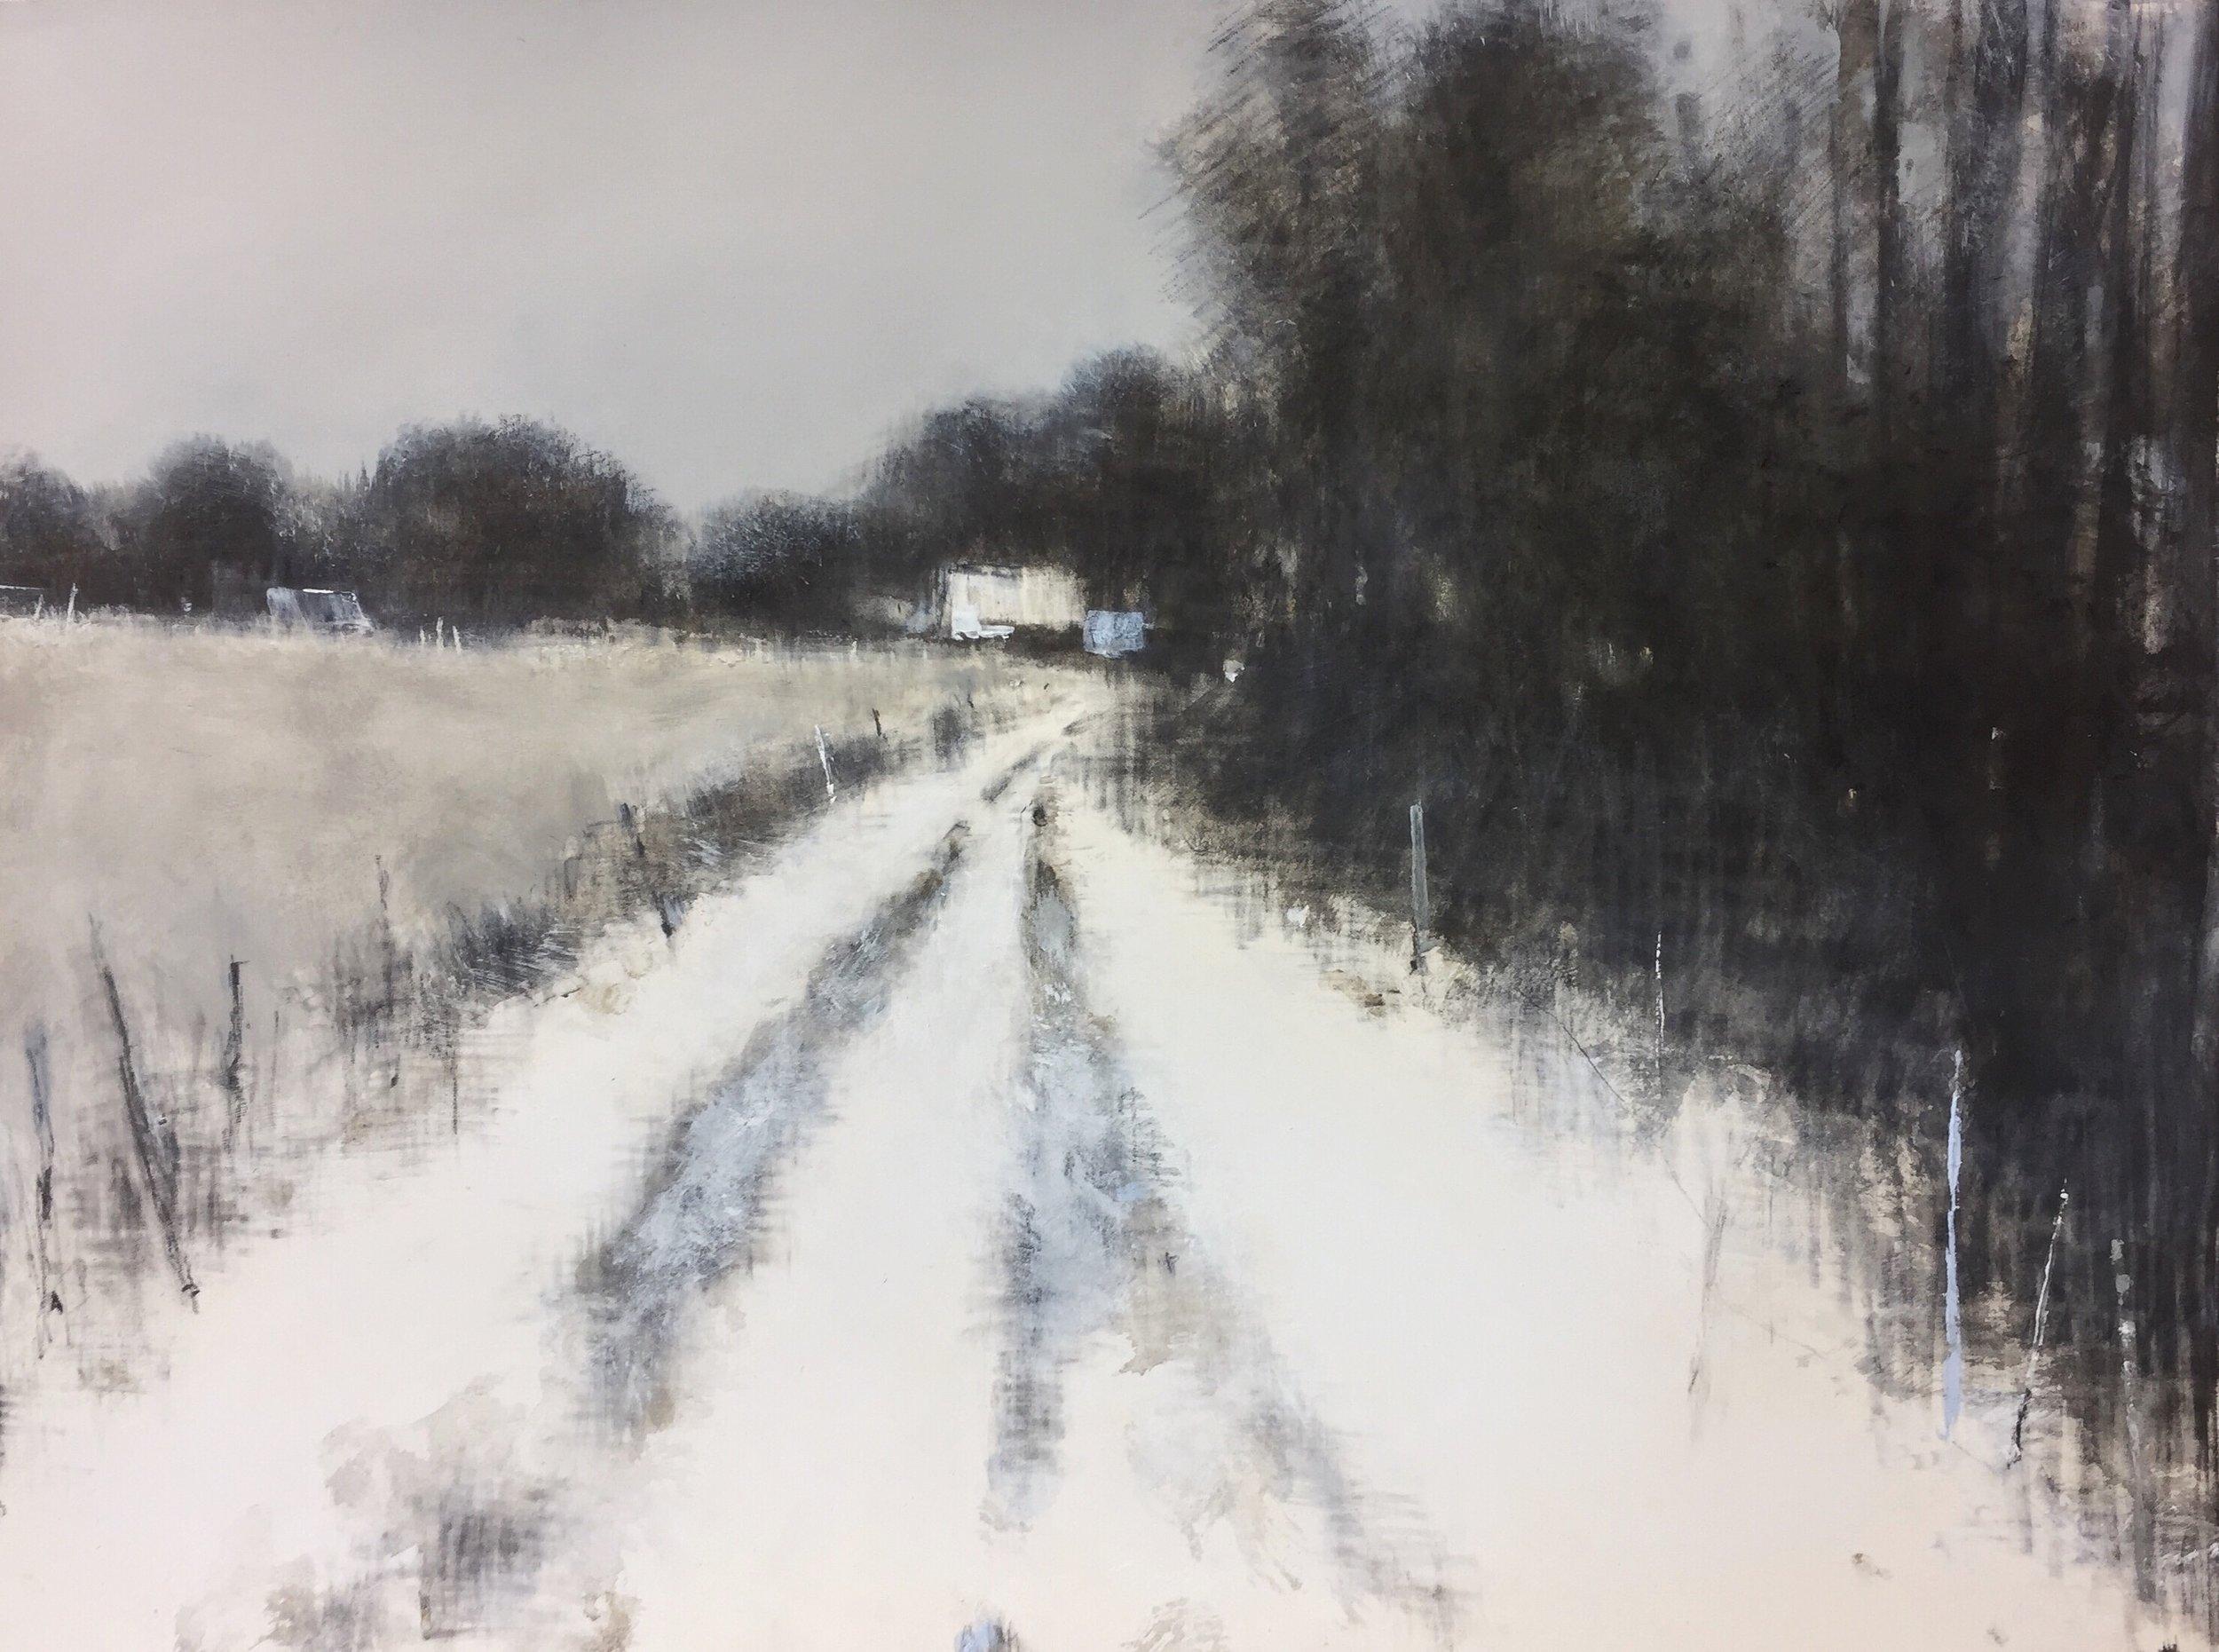 Farm Track, Winter.  57 x 77cm. Graphite, oil and gesso on paper  Sold